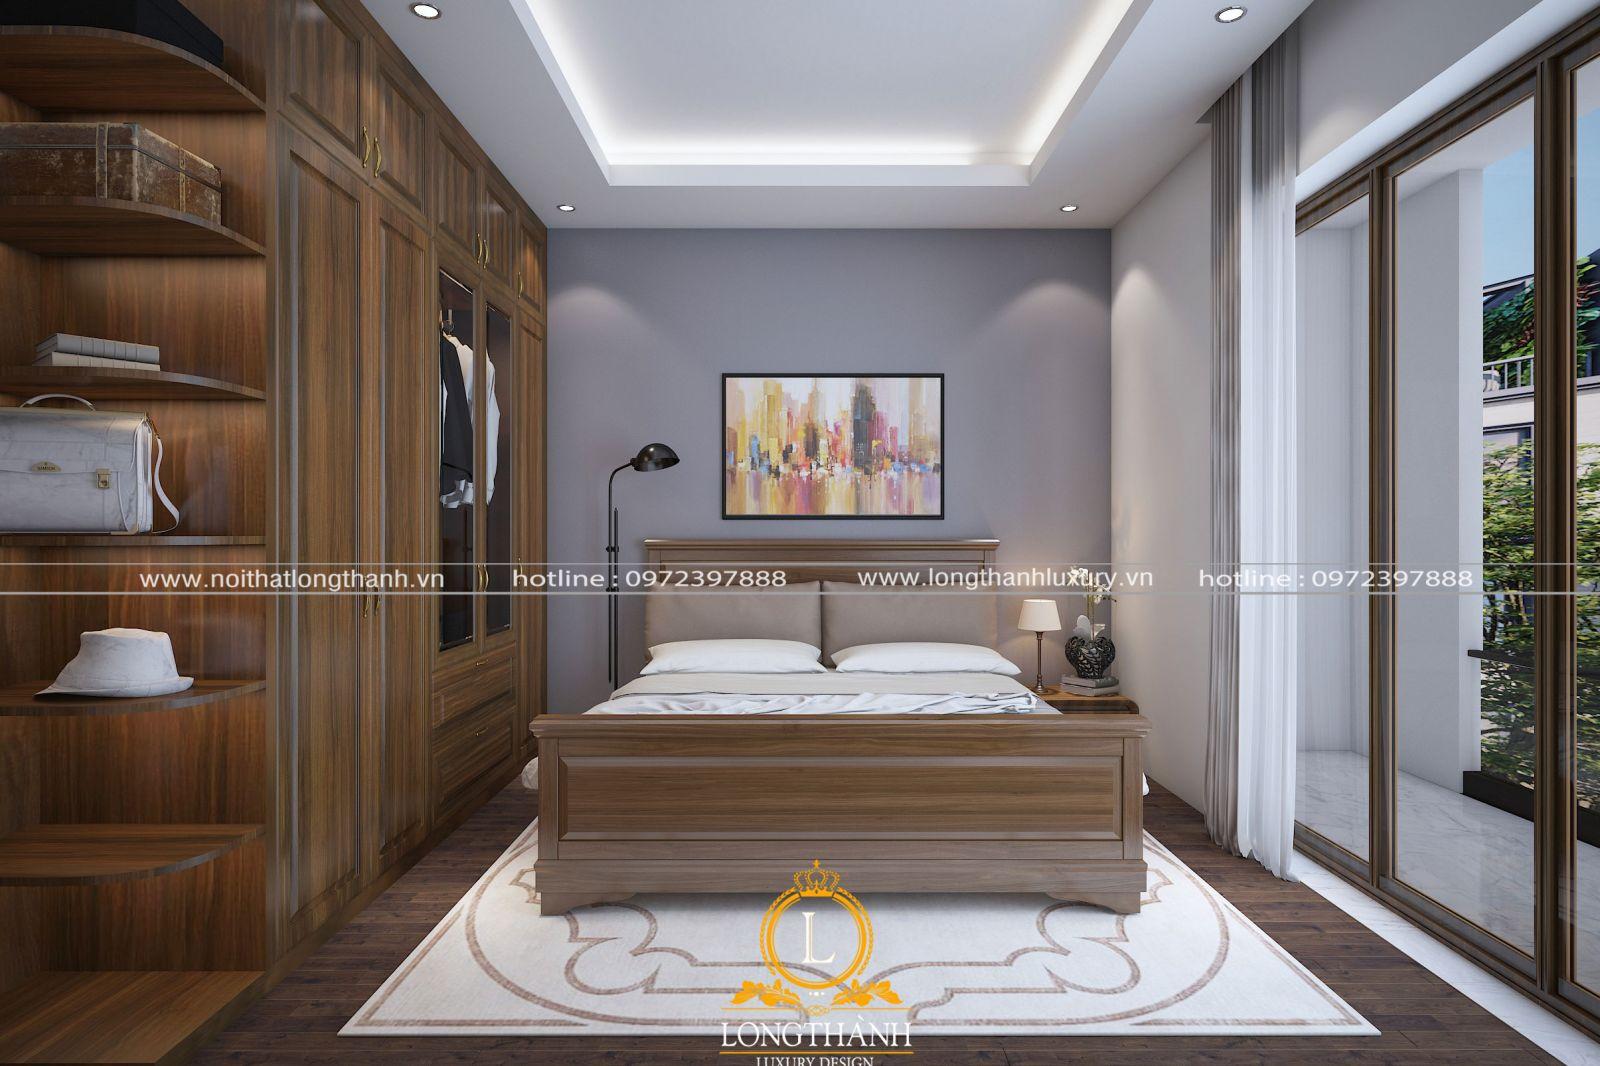 Căn phòng ngủ hiện đại đơn giản sử dụng chất lượng gỗ tự nhiên